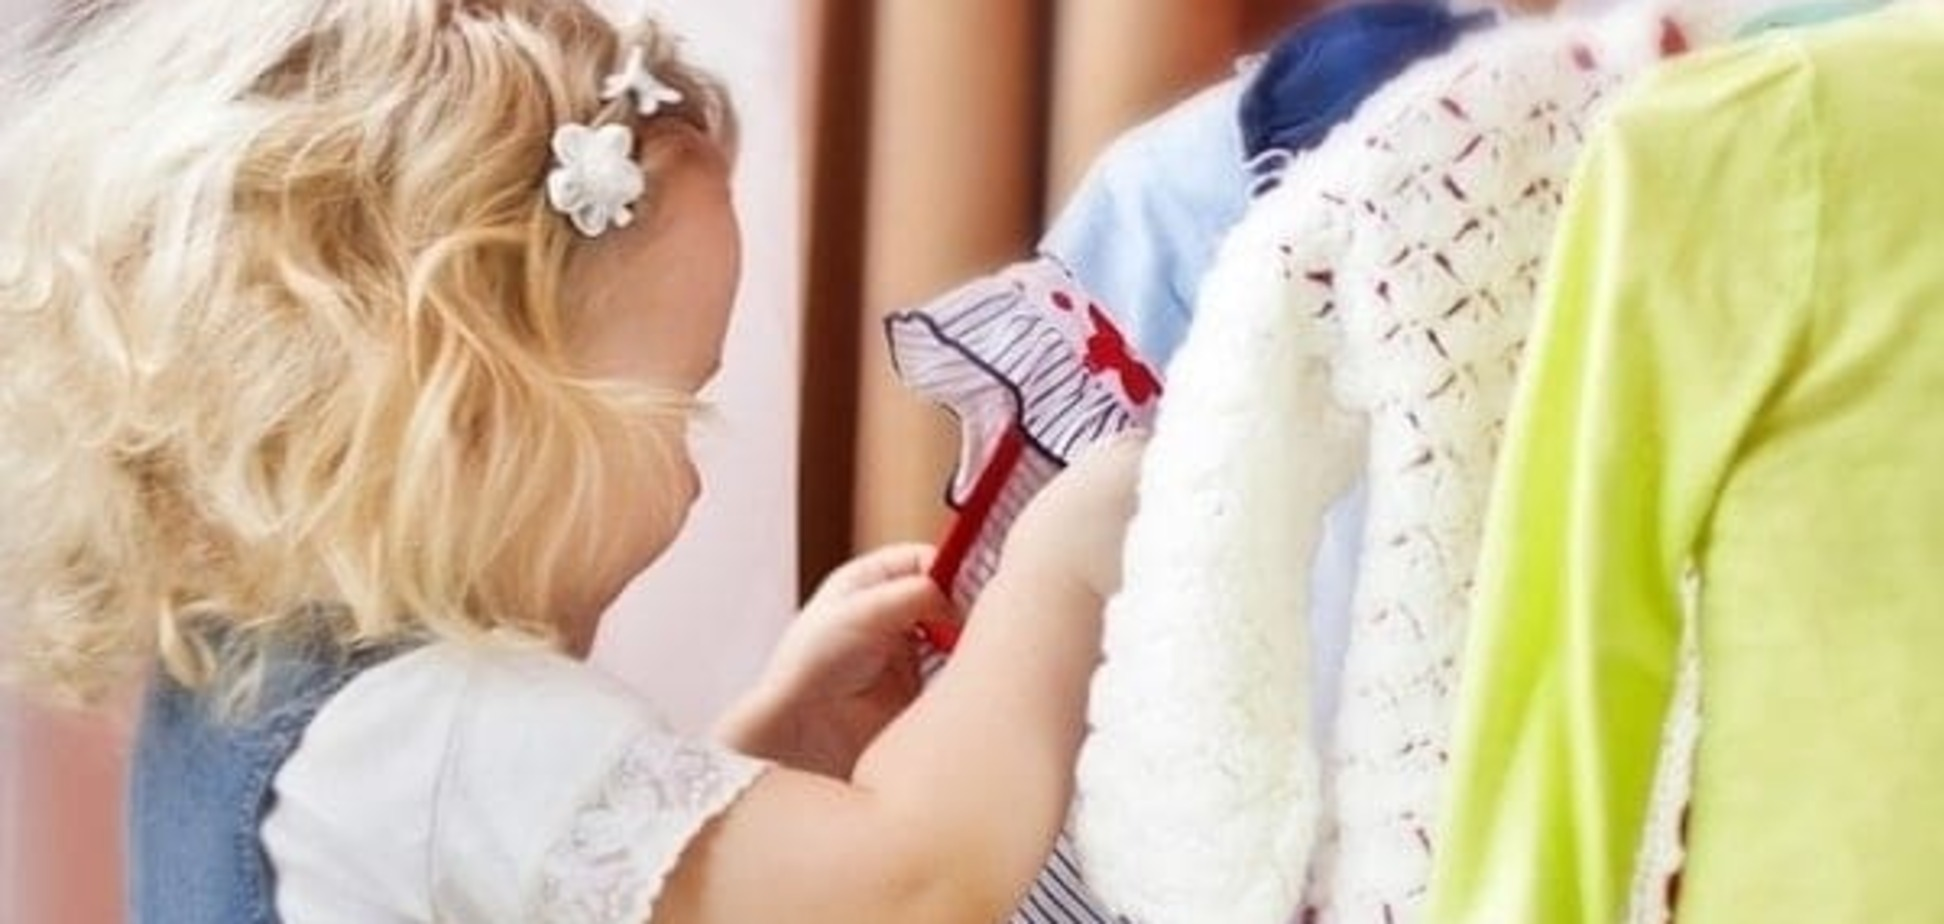 Как одежда влияет на развитие личности ребенка